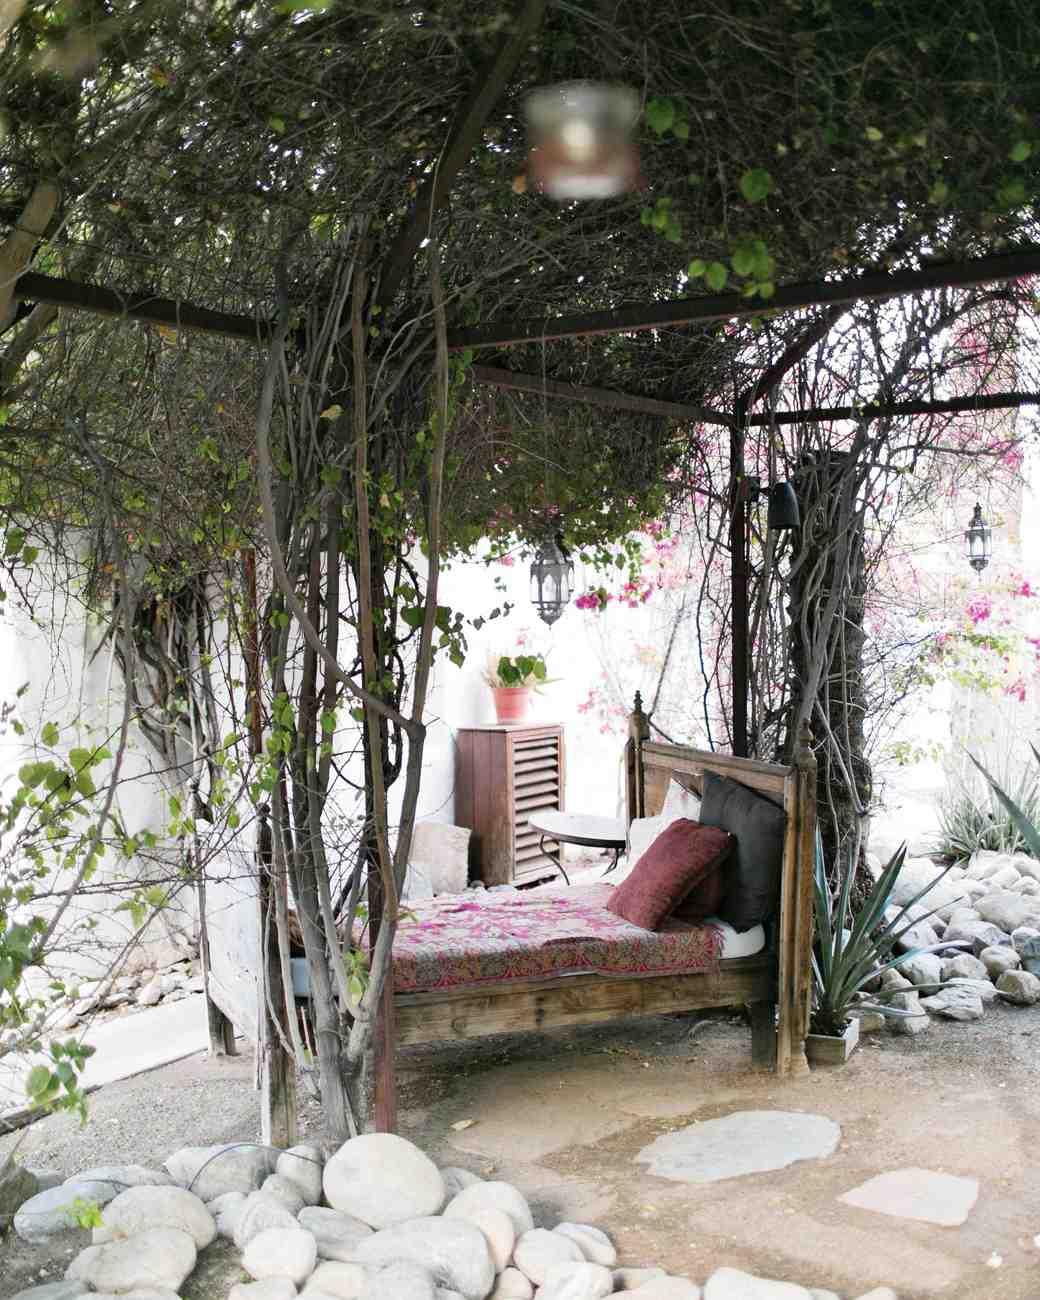 travel-honeymoon-diaries-outdoor-courtyard-bed-palm-springs-s112941.jpg